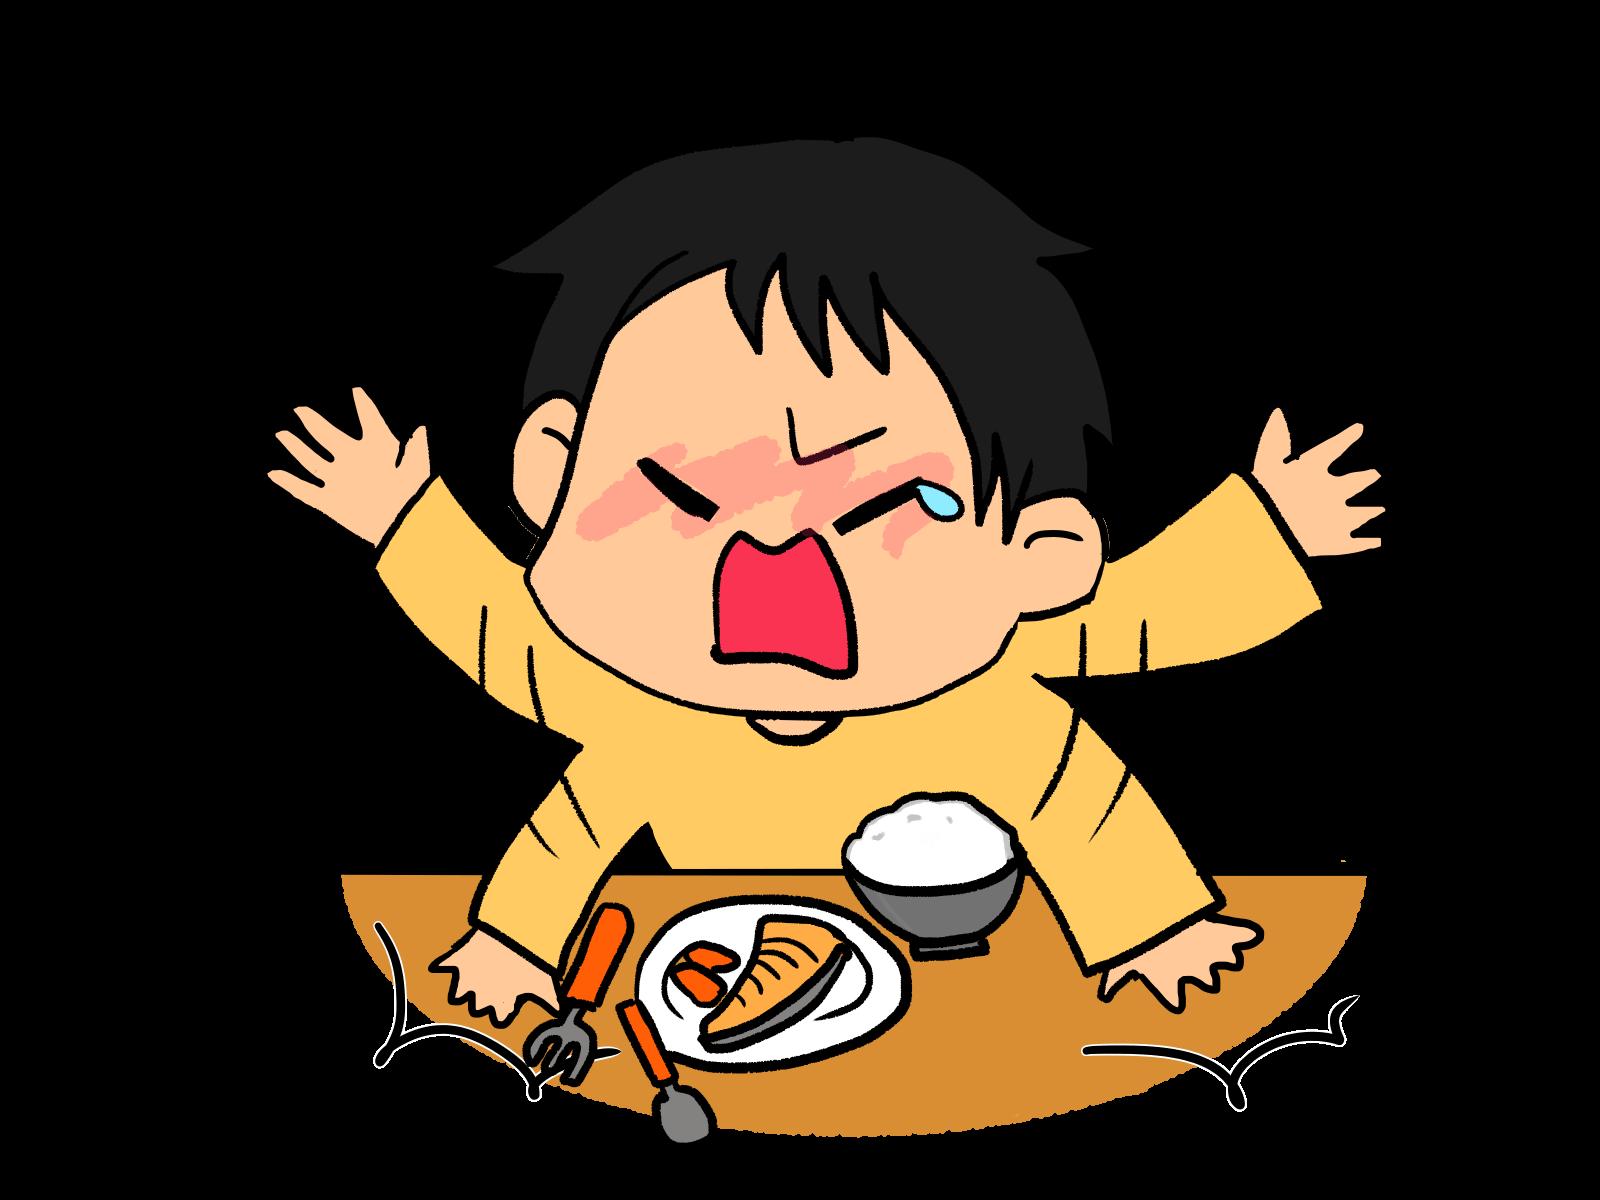 【オノマトペ】バンバンの意味と例文